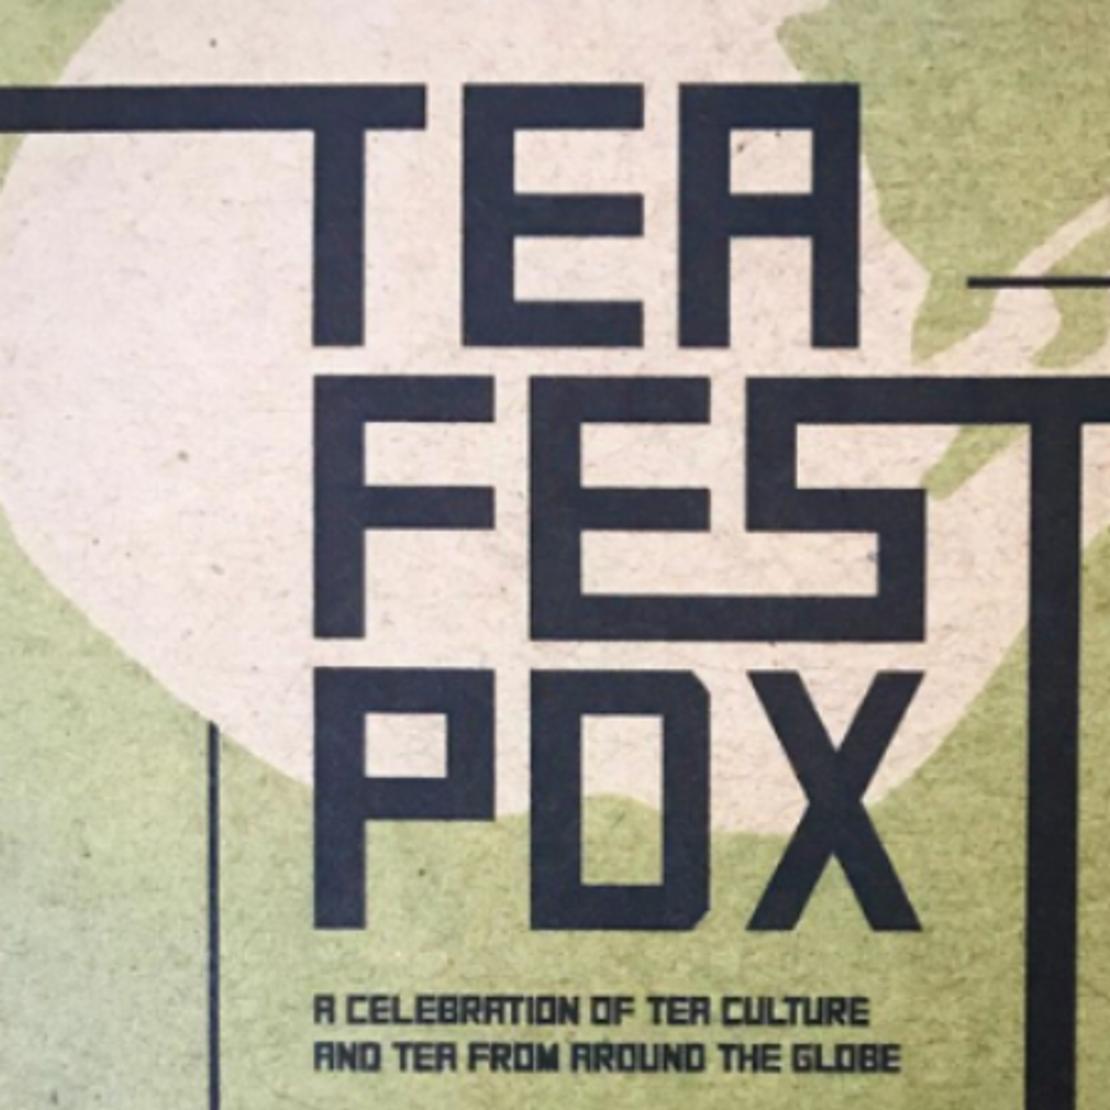 TeaFest PDX